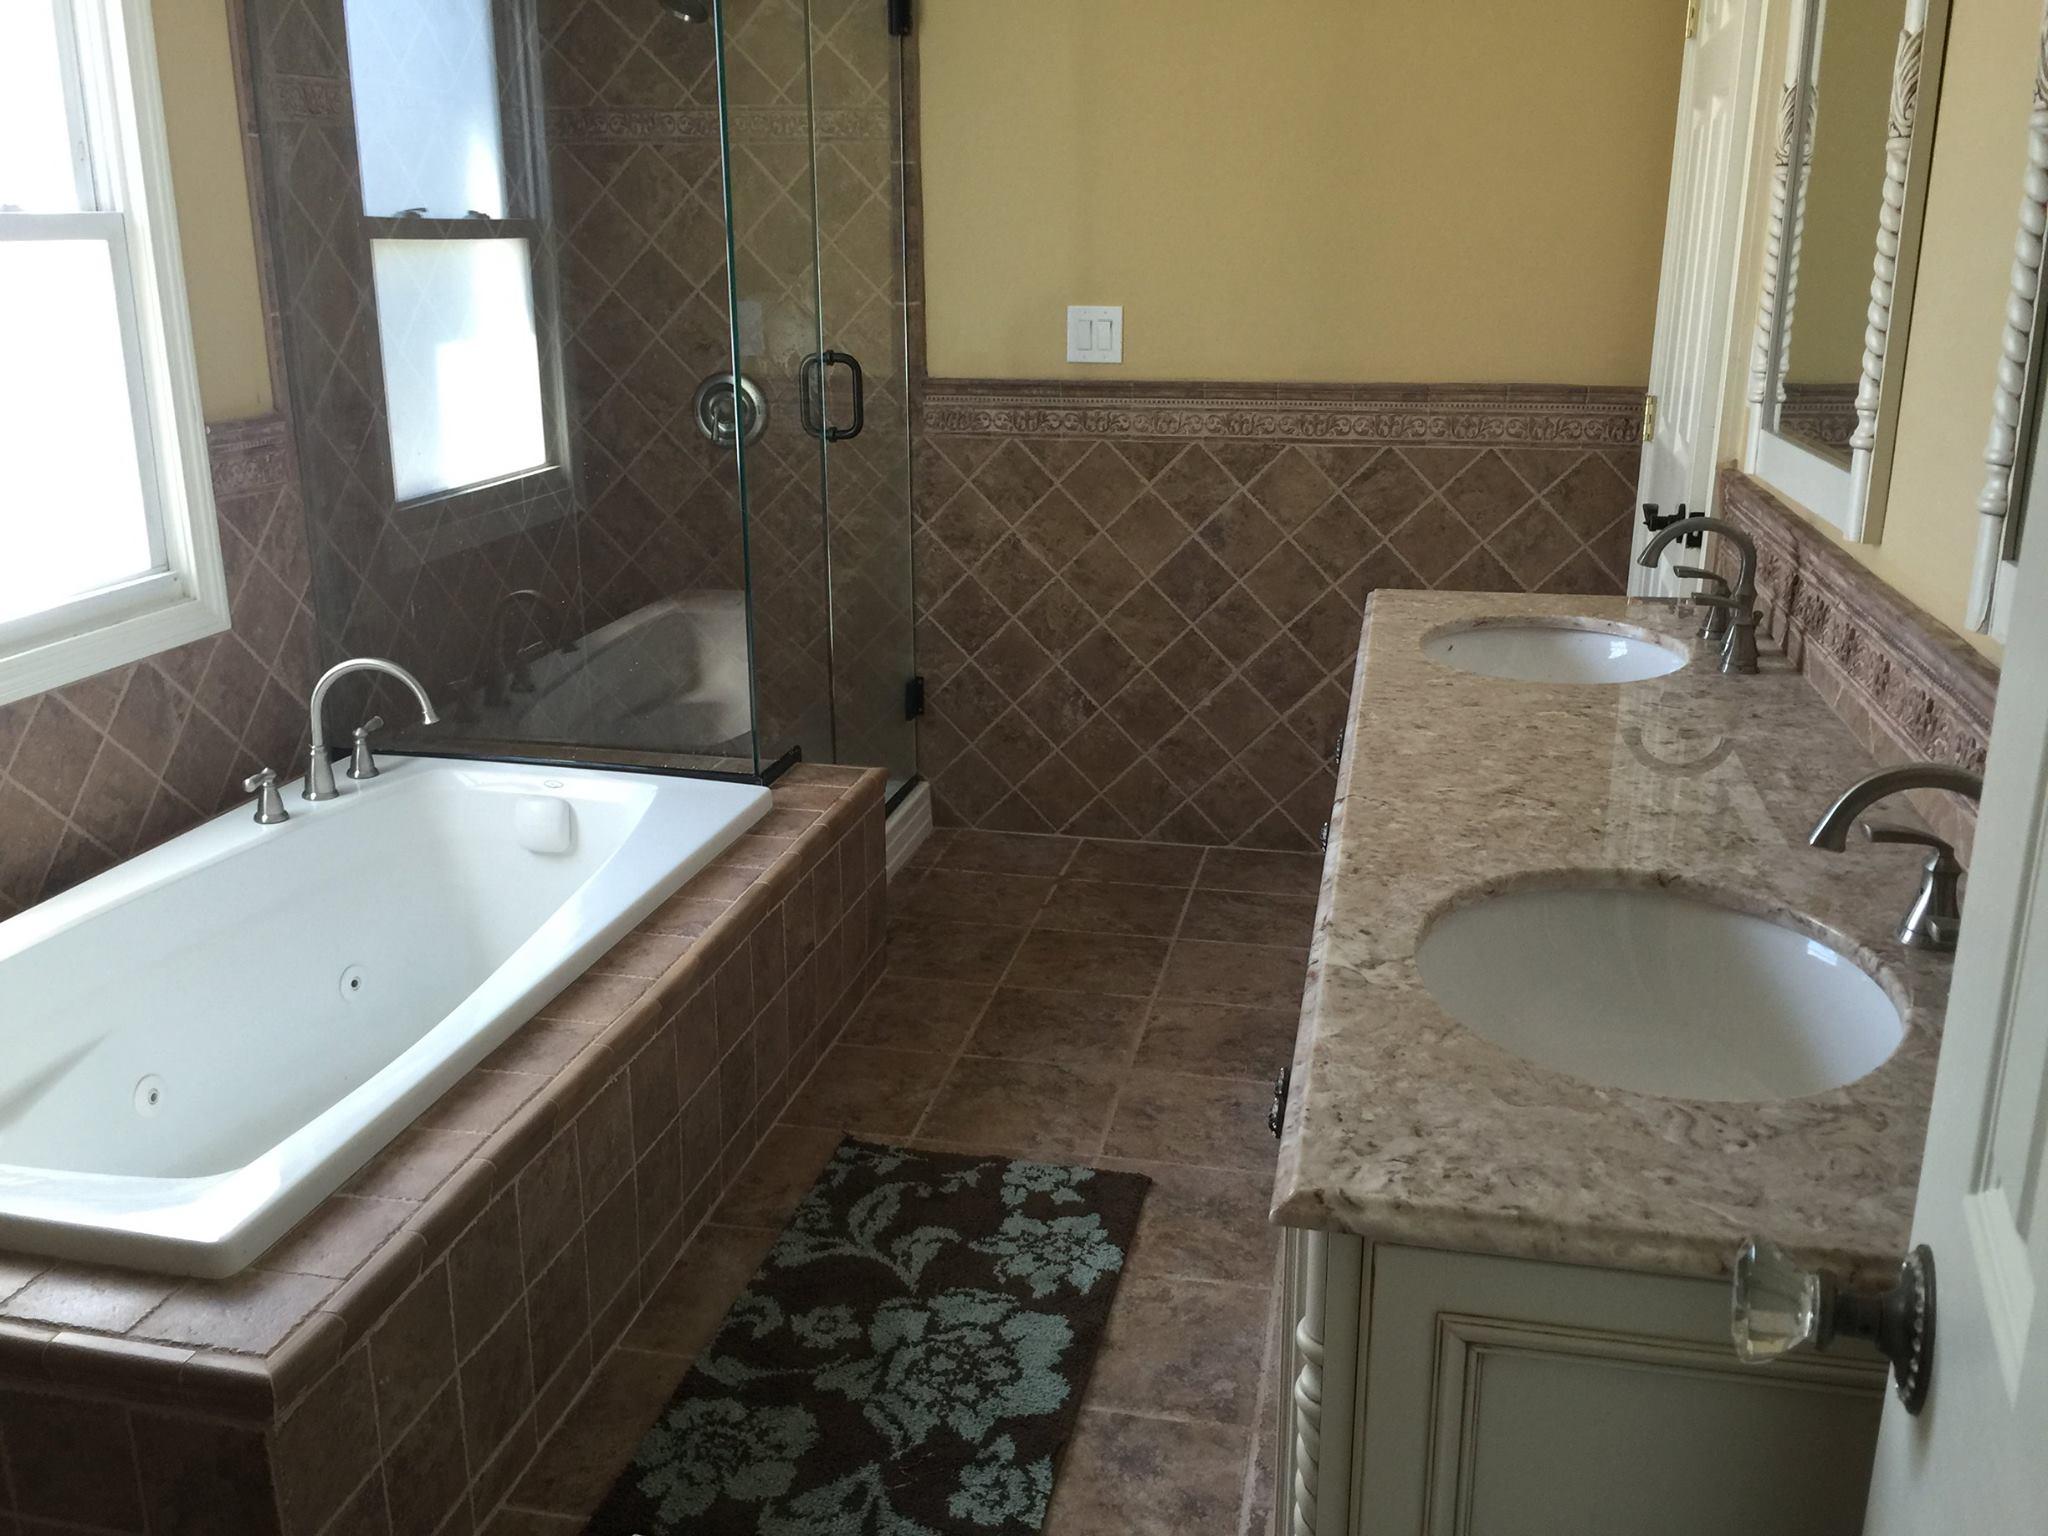 Bathroom renovation services portfolio ksa constructions for Bathroom renovation services